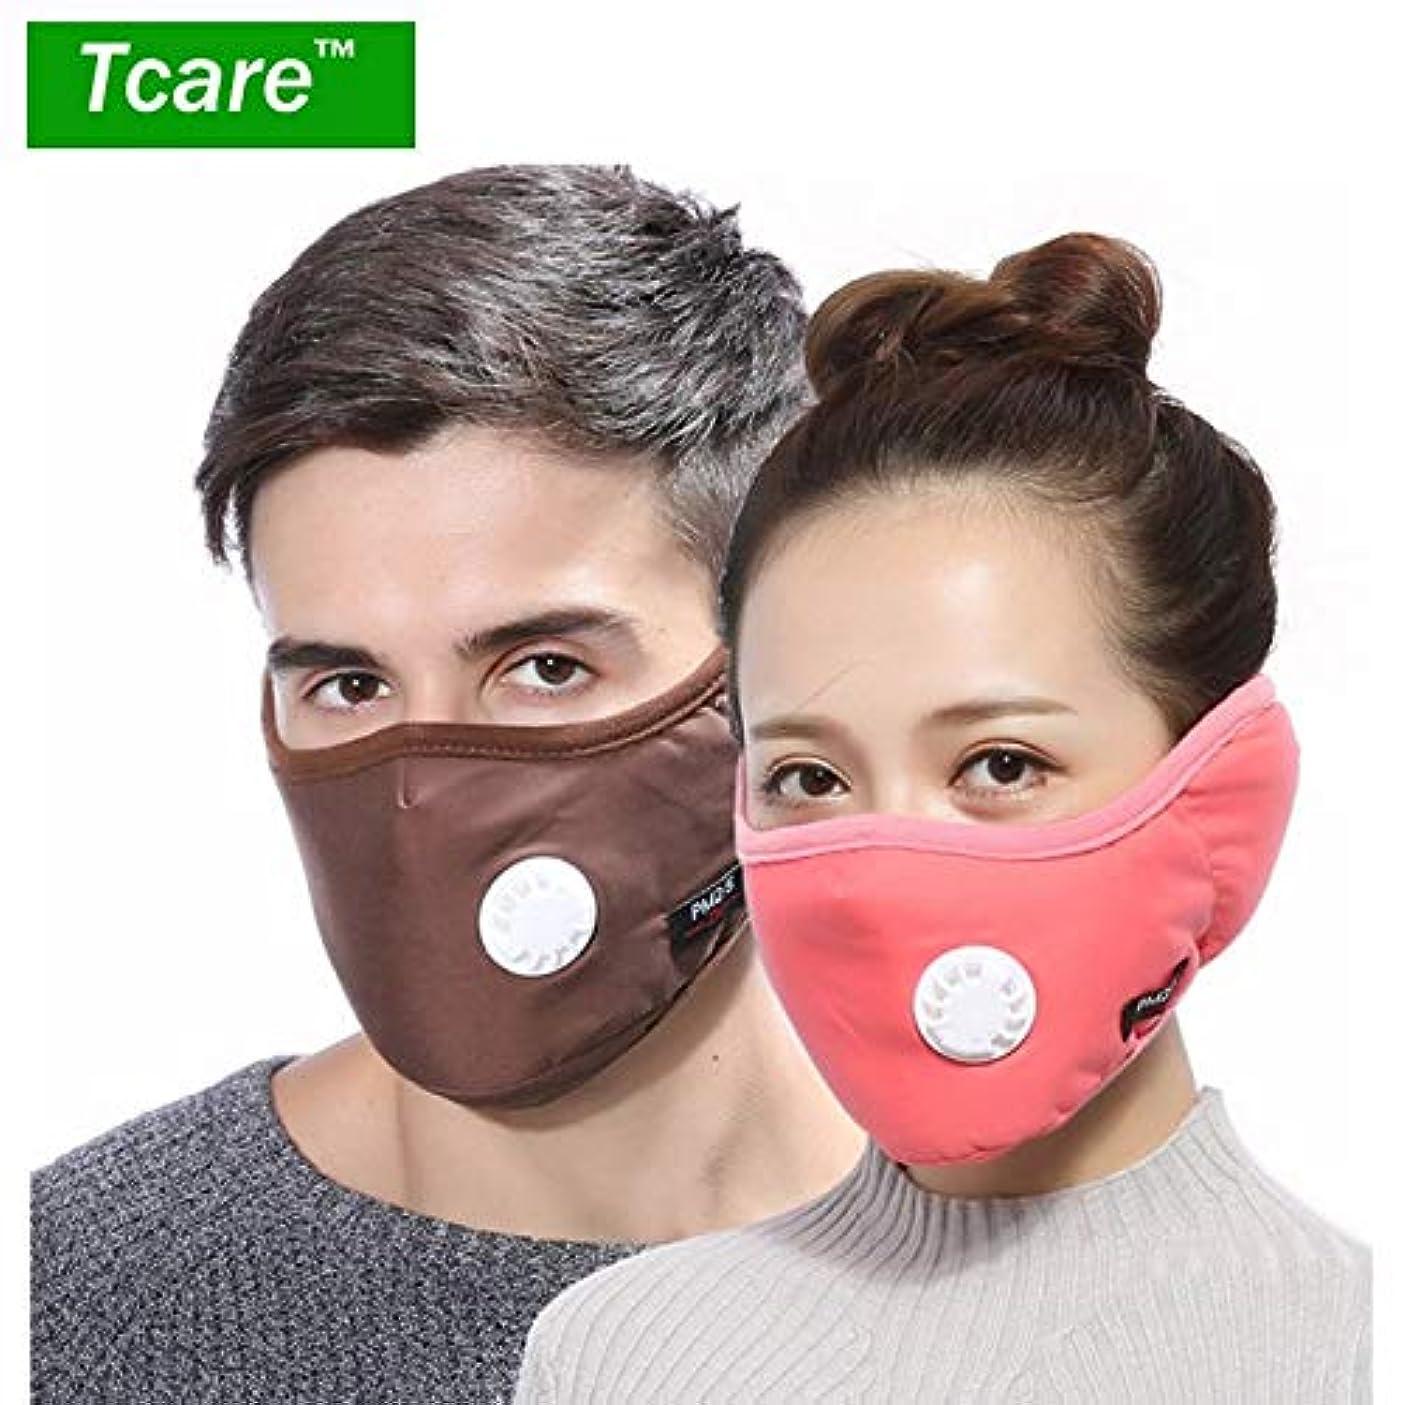 松おじさん管理者7グレー:1 PM2.5マスクバルブコットンアンチダスト口マスクの冬のイヤーマフActtedフィルター付マスクでTcare 2